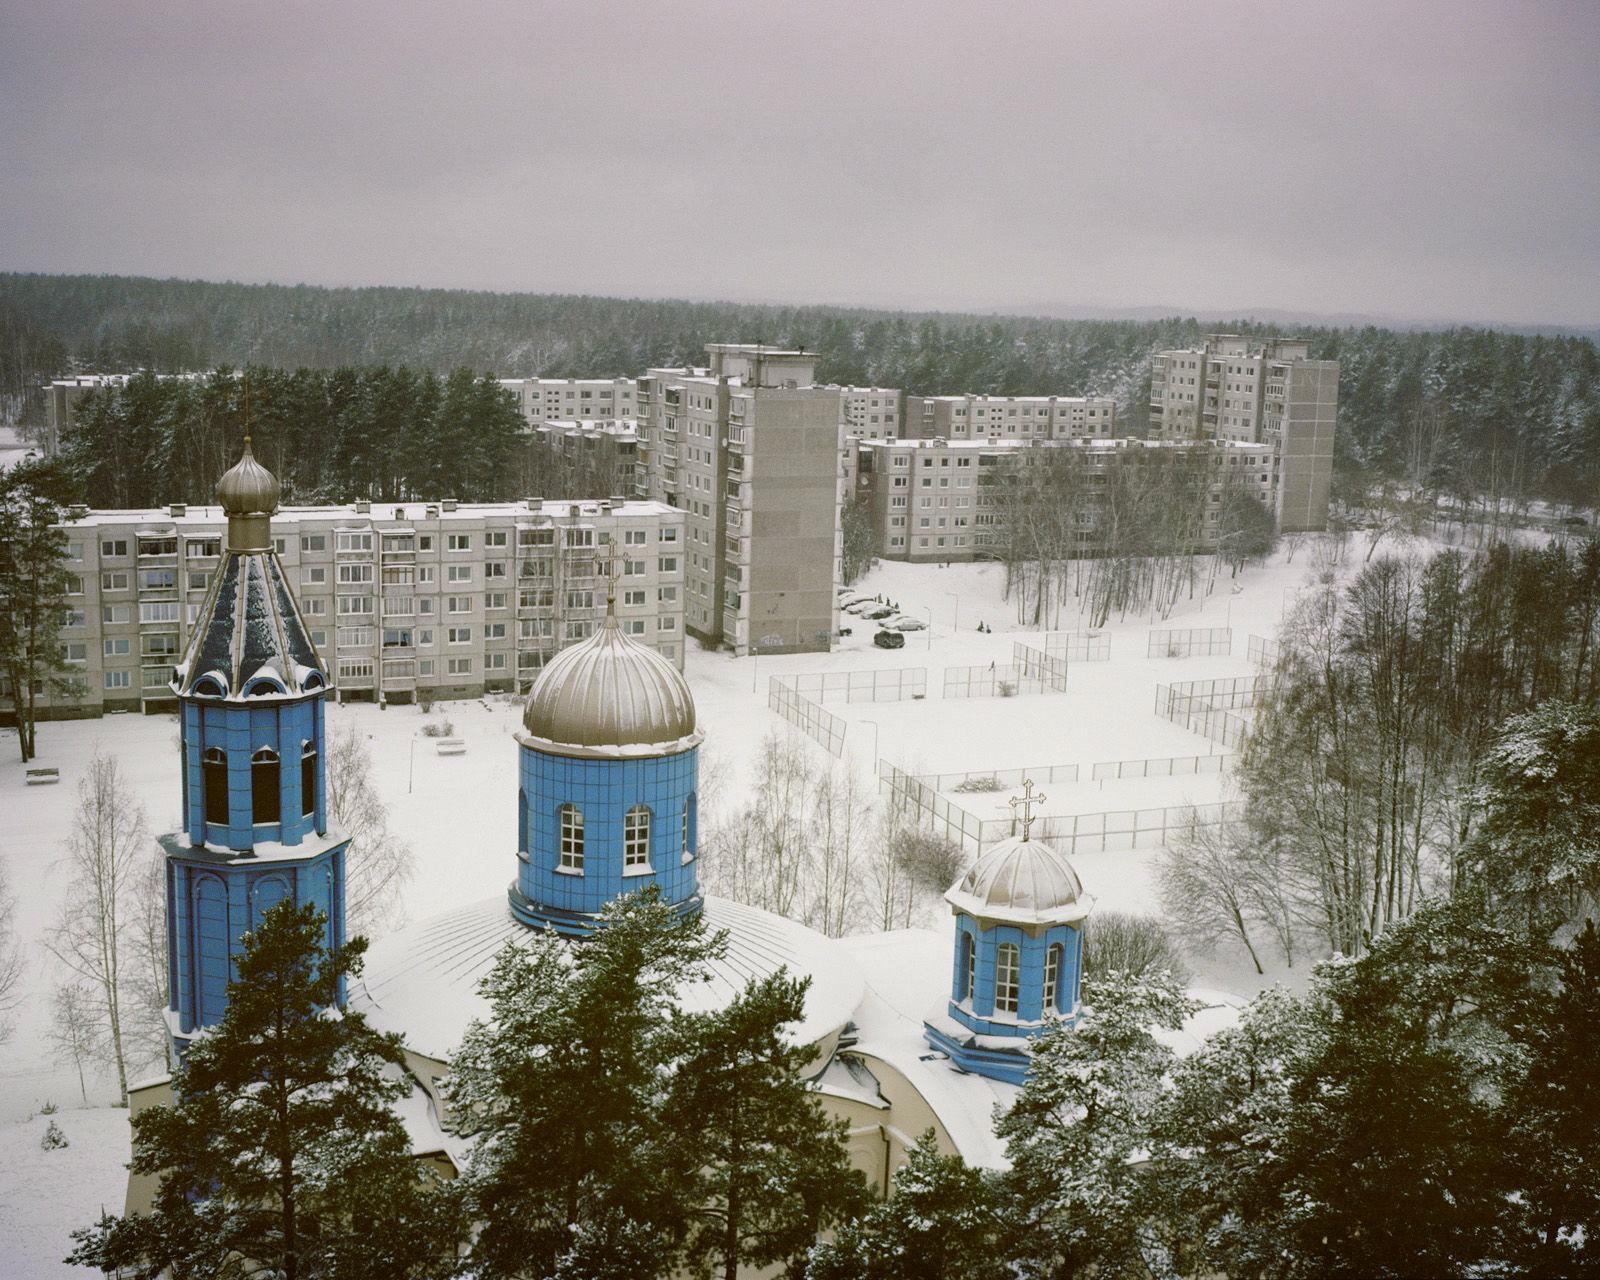 Wisaginia, kościół prawosławny.